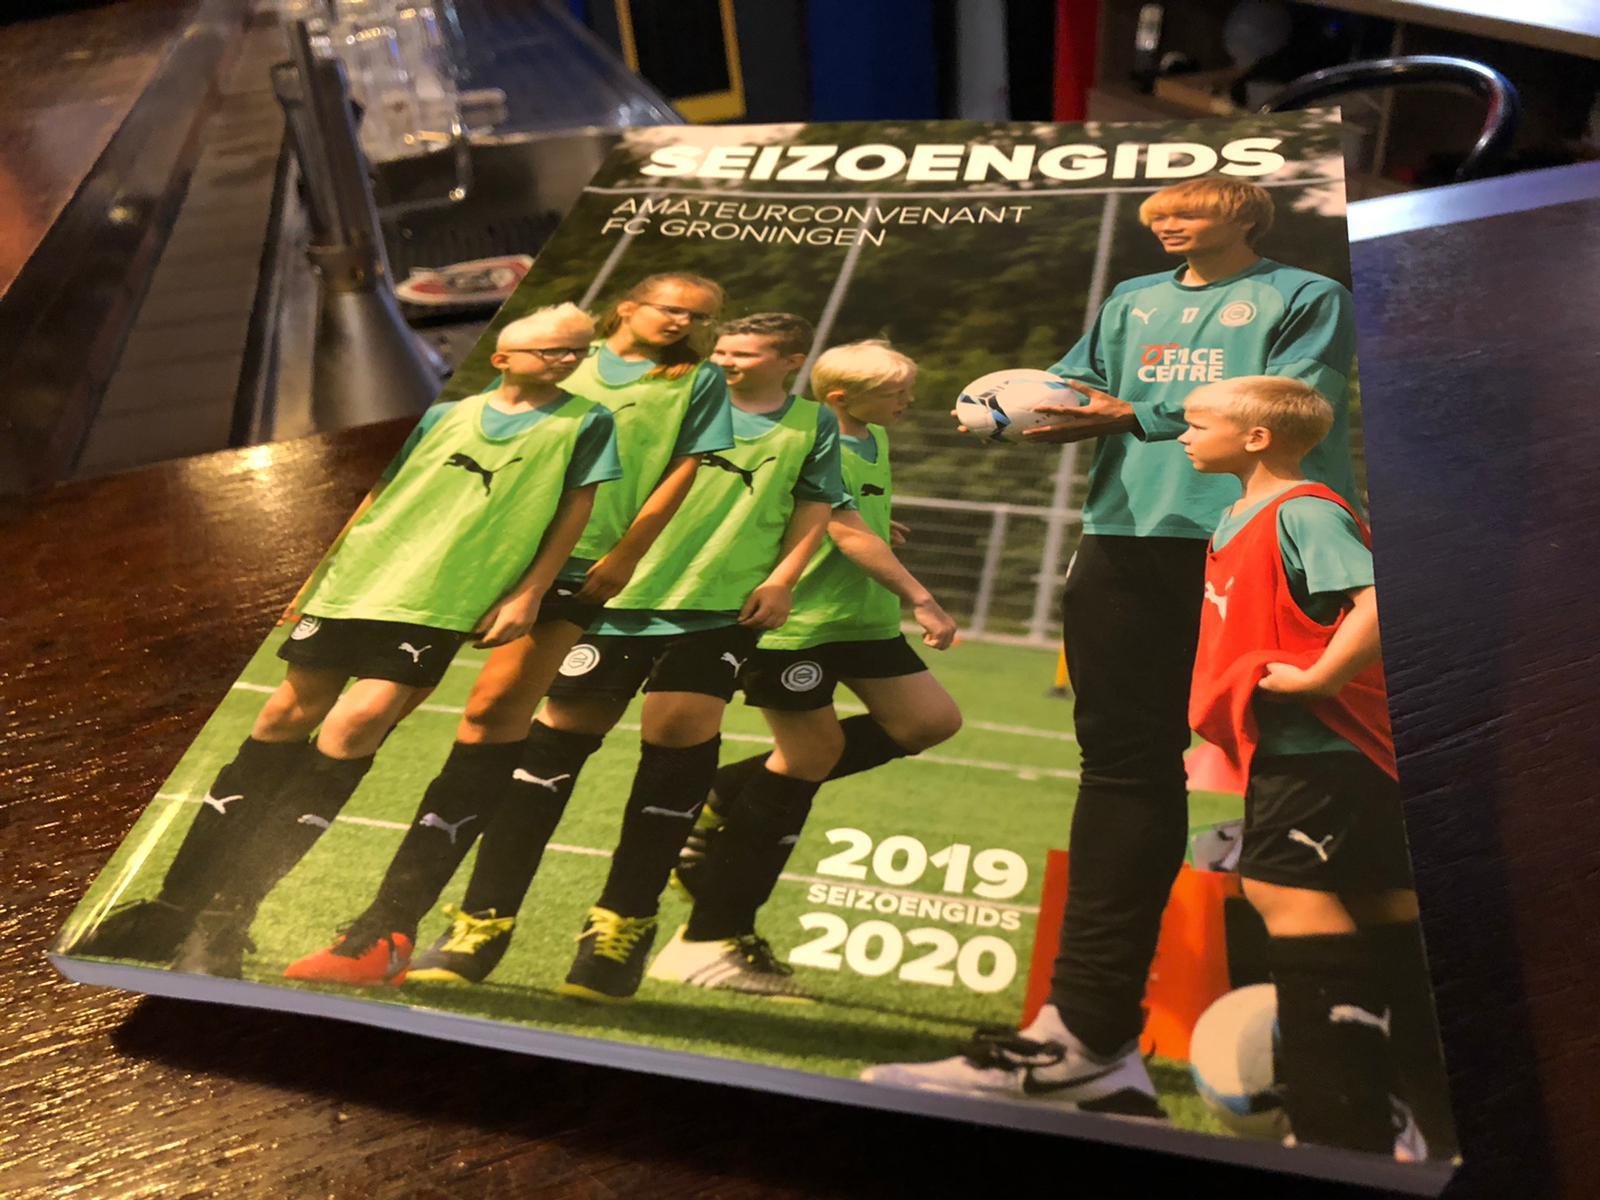 Seizoengids van het Amateurconvenant FC Groningen heeft een mooi artikel over s.v. Blauw-Geel